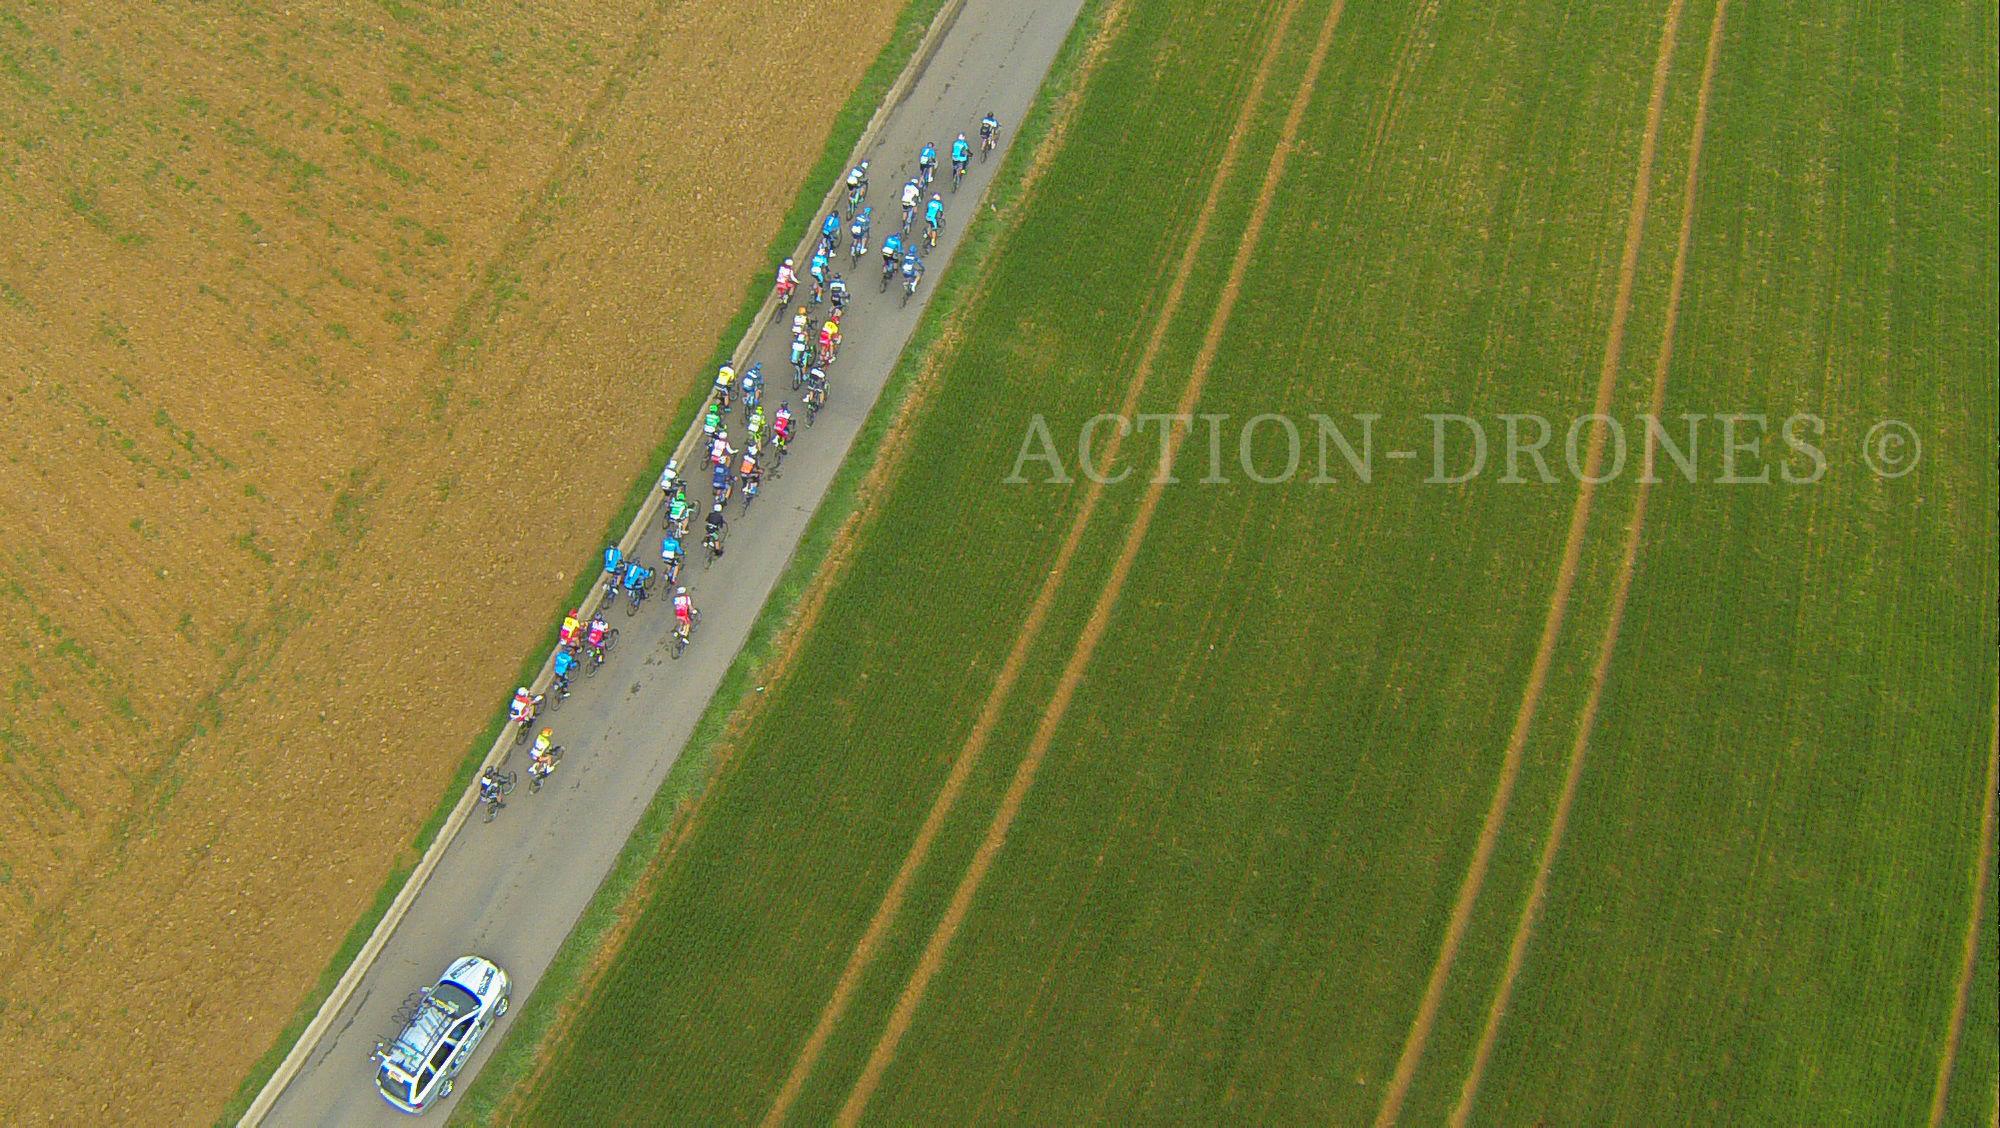 Le Circuit des Ardennes, vidéo par drone